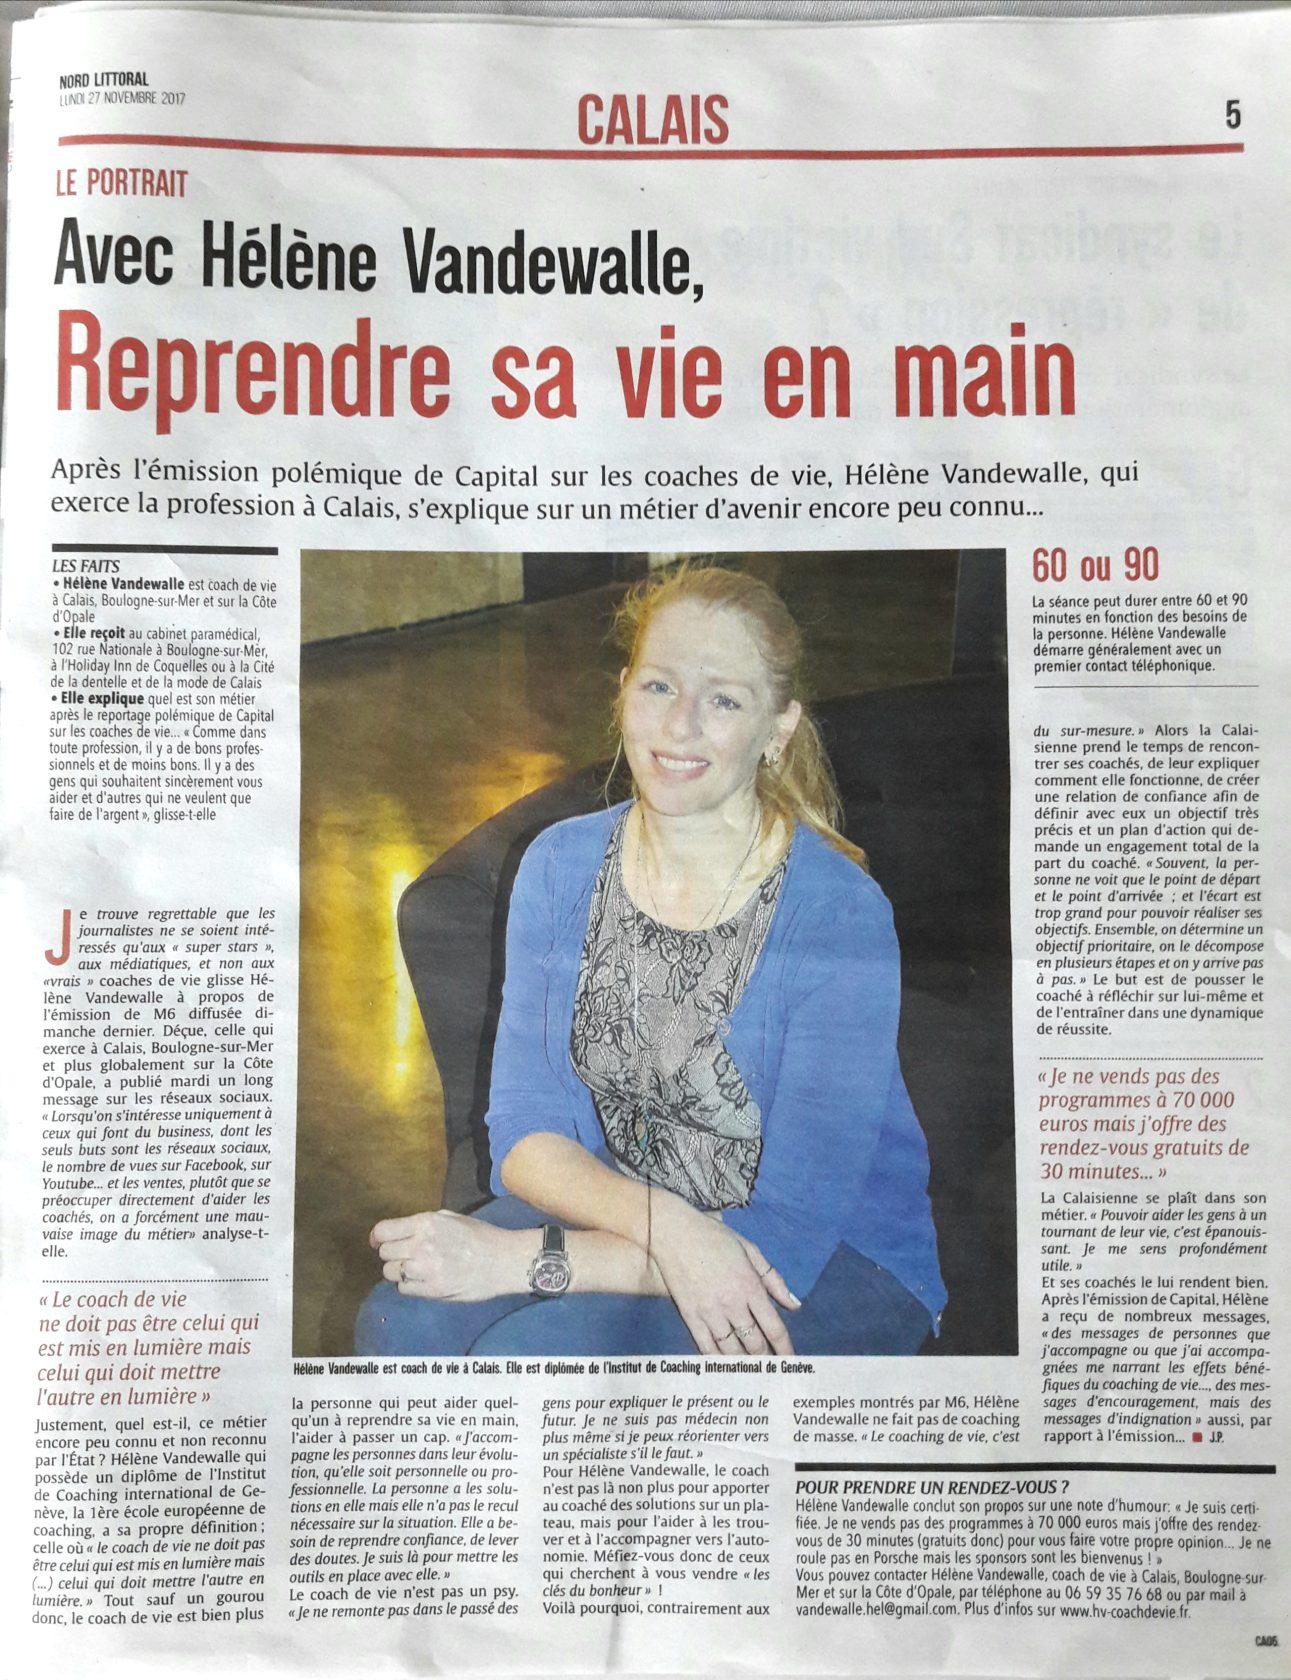 Hélène Vandewalle, Coach de Vie certifiée, article de presse de Nord Littoral Calais